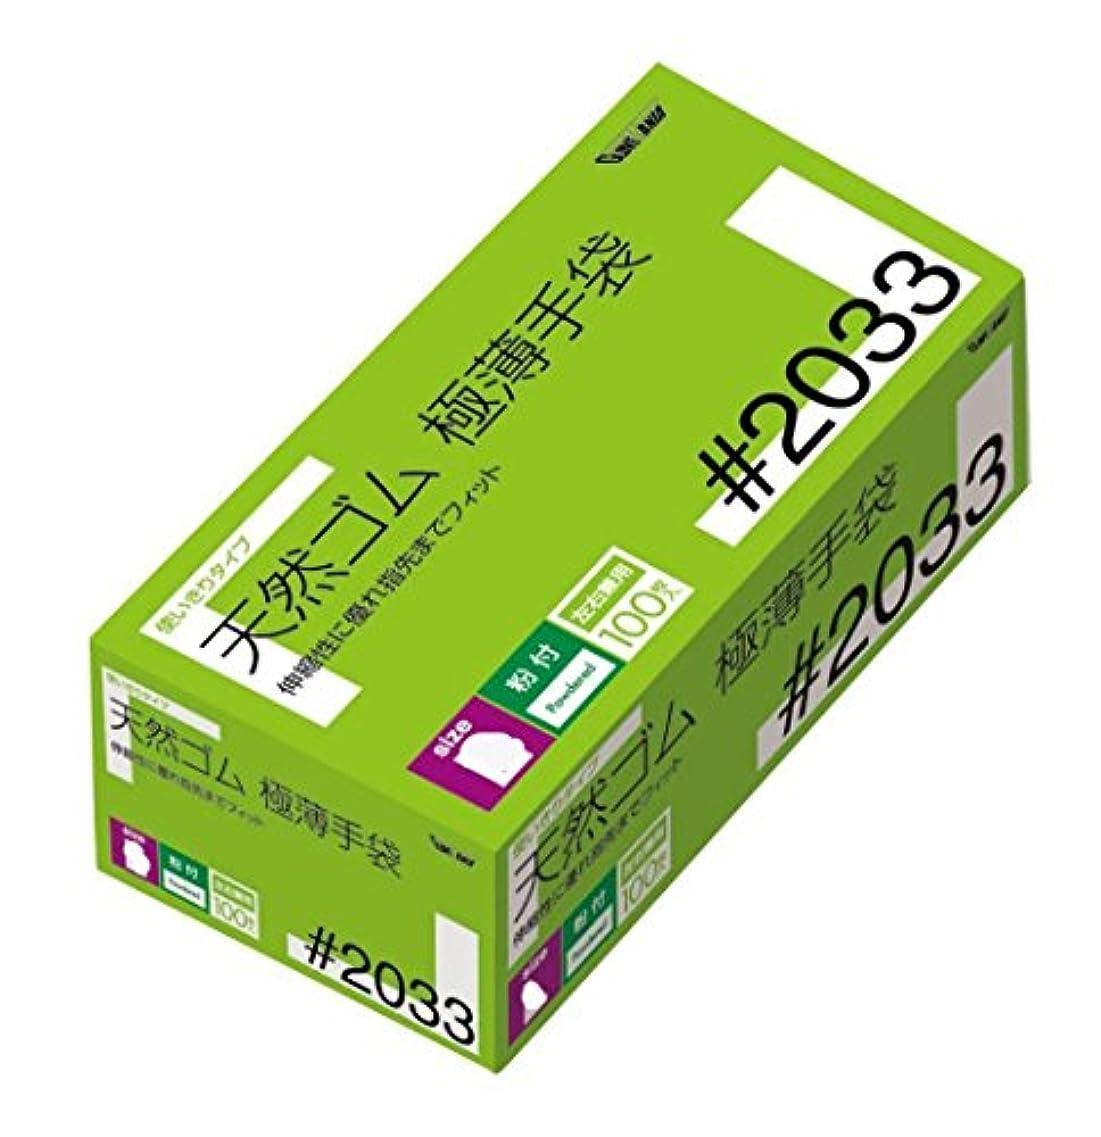 川西工業 天然ゴム極薄手袋 粉付 100枚入 #2033 ナチュラル S